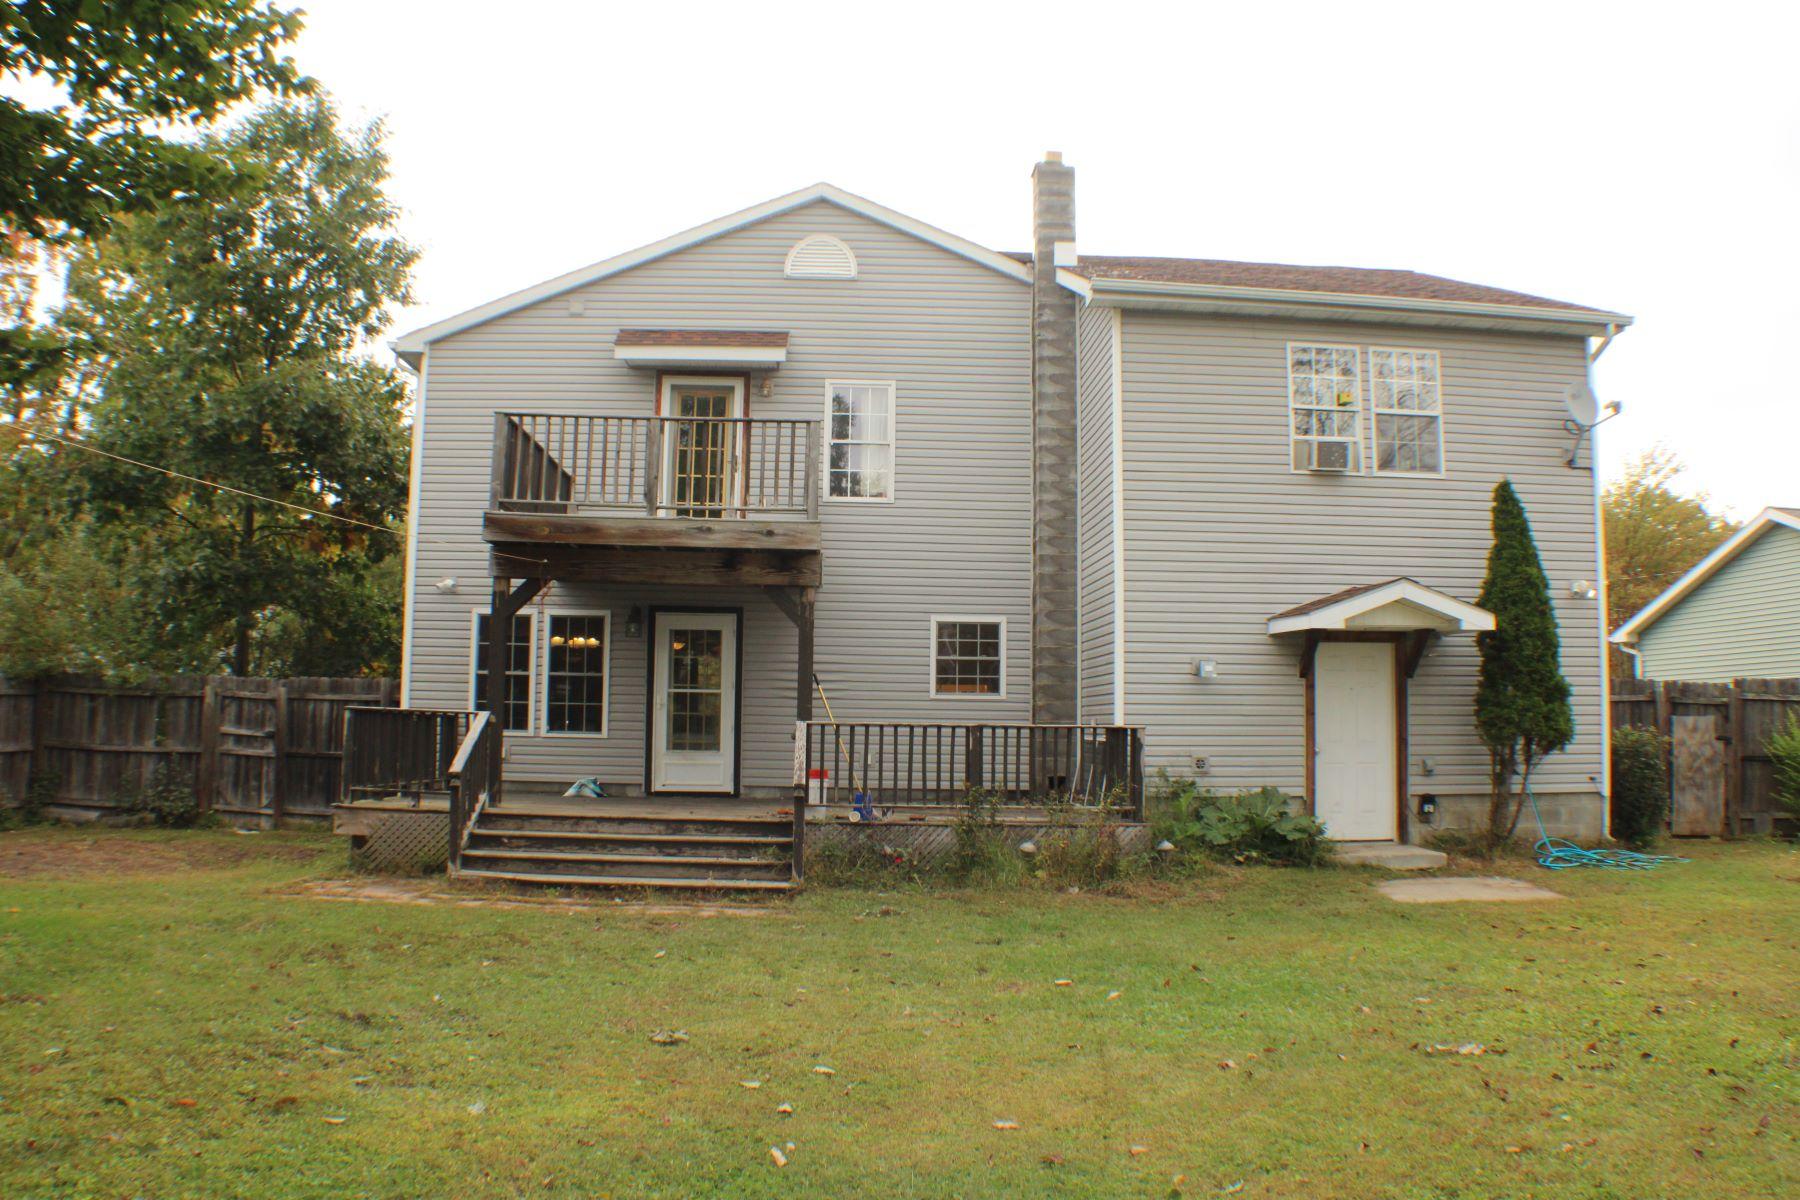 Single Family Homes für Verkauf beim Great Family Home in Hadley 97 2nd Av, Hadley, New York 12835 Vereinigte Staaten